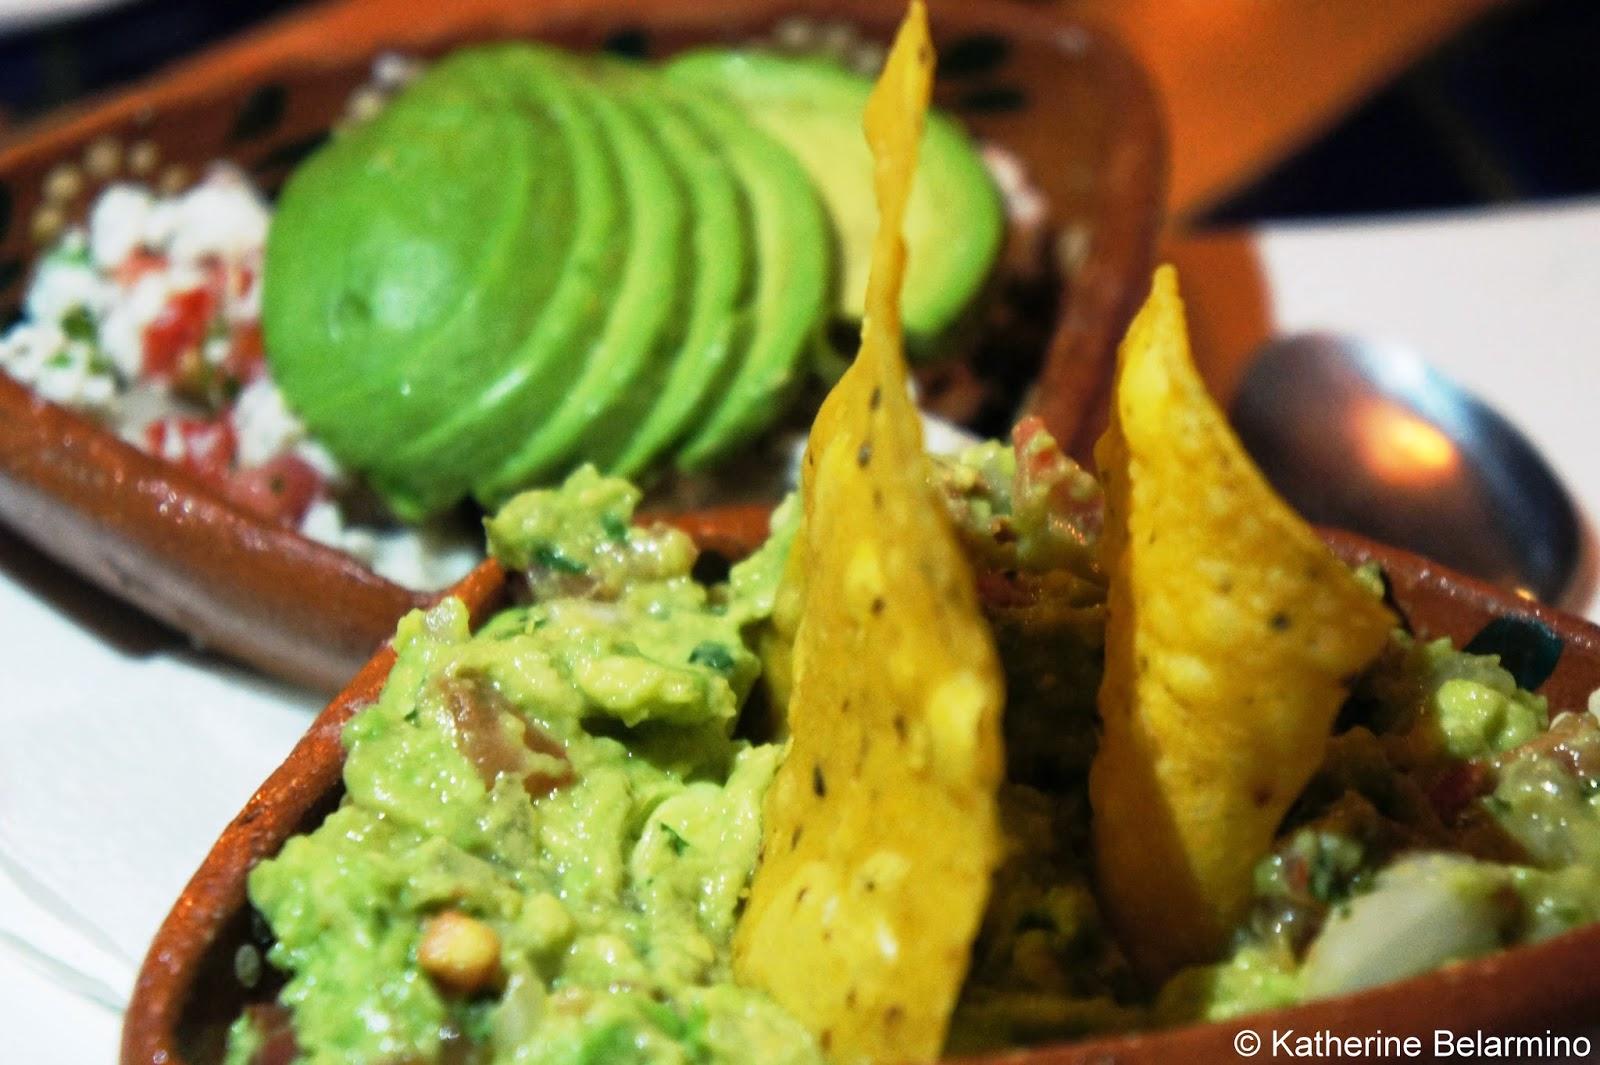 Guacamole and Ceviche at La Casa Del Pescador Puerto Nuevo Baja California Mexico